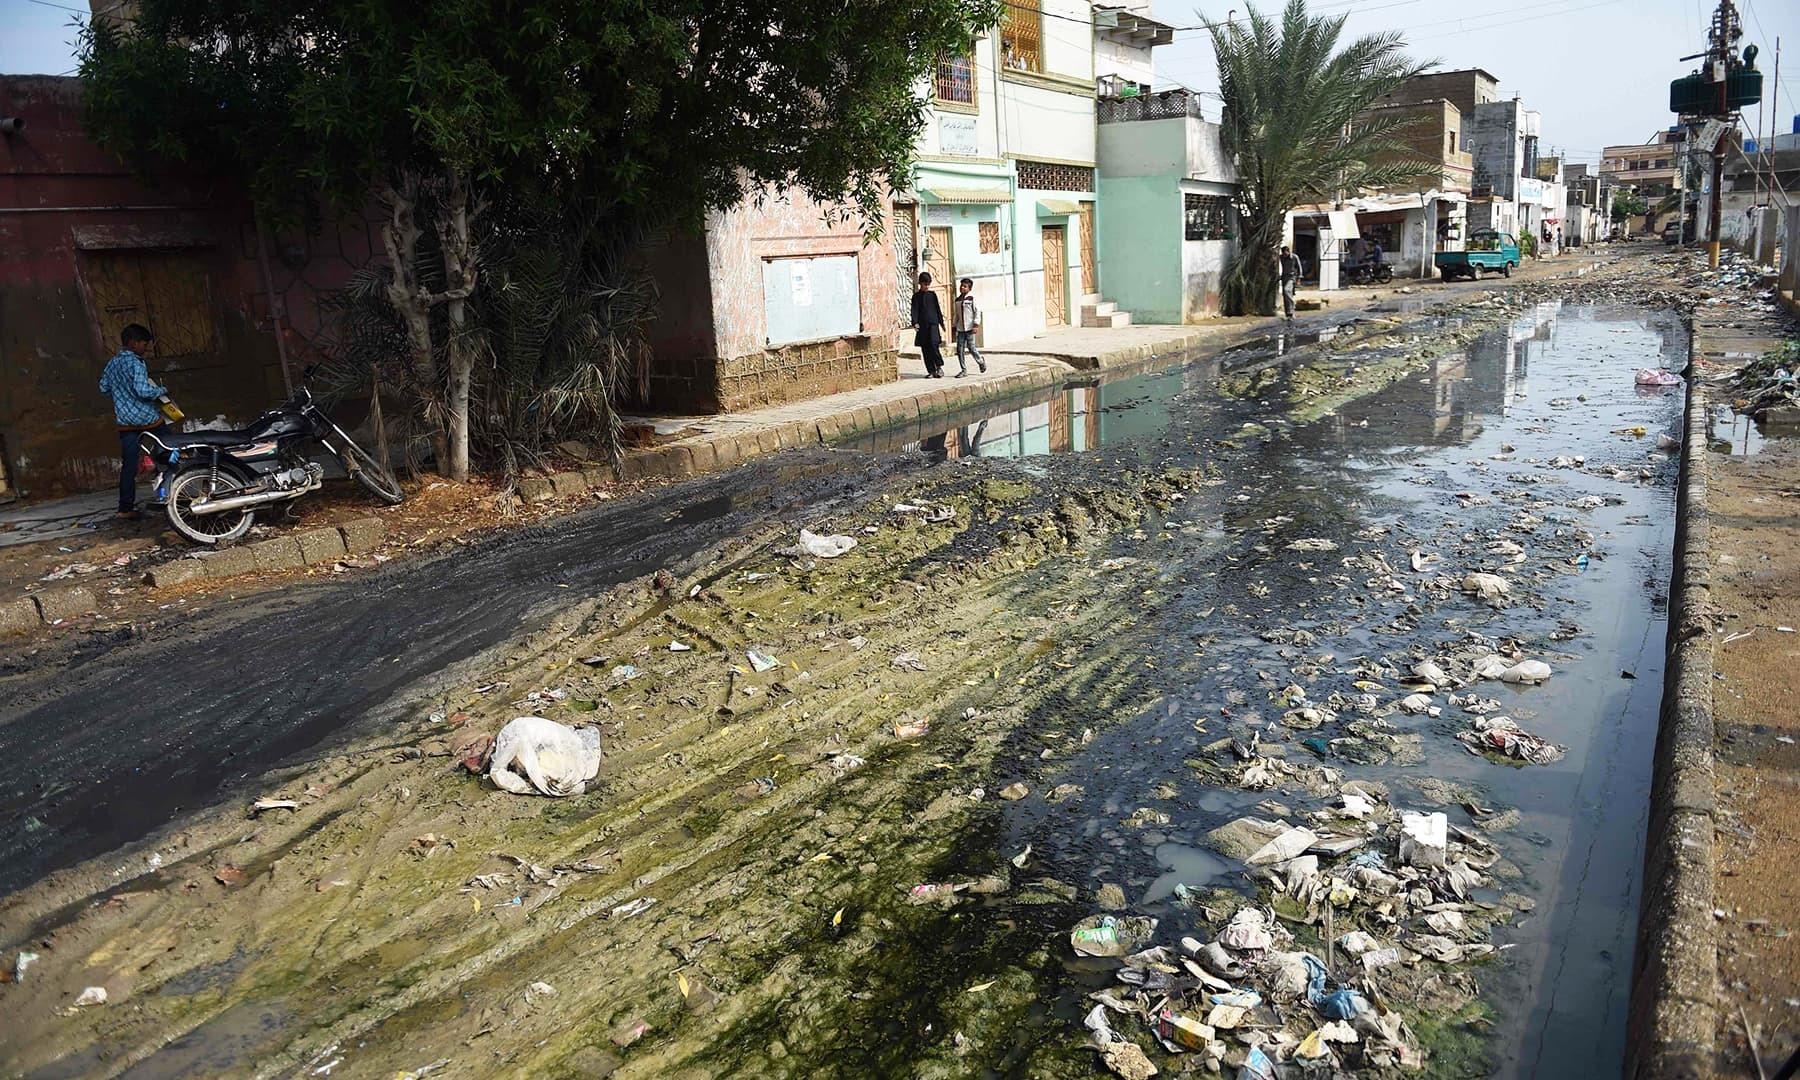 کراچی میں صفائی کی ذمہ داری شہری حکومت اور سندھ حکومت ایک دوسرے پر ڈالتی رہی—فوٹو:اے ایف پی